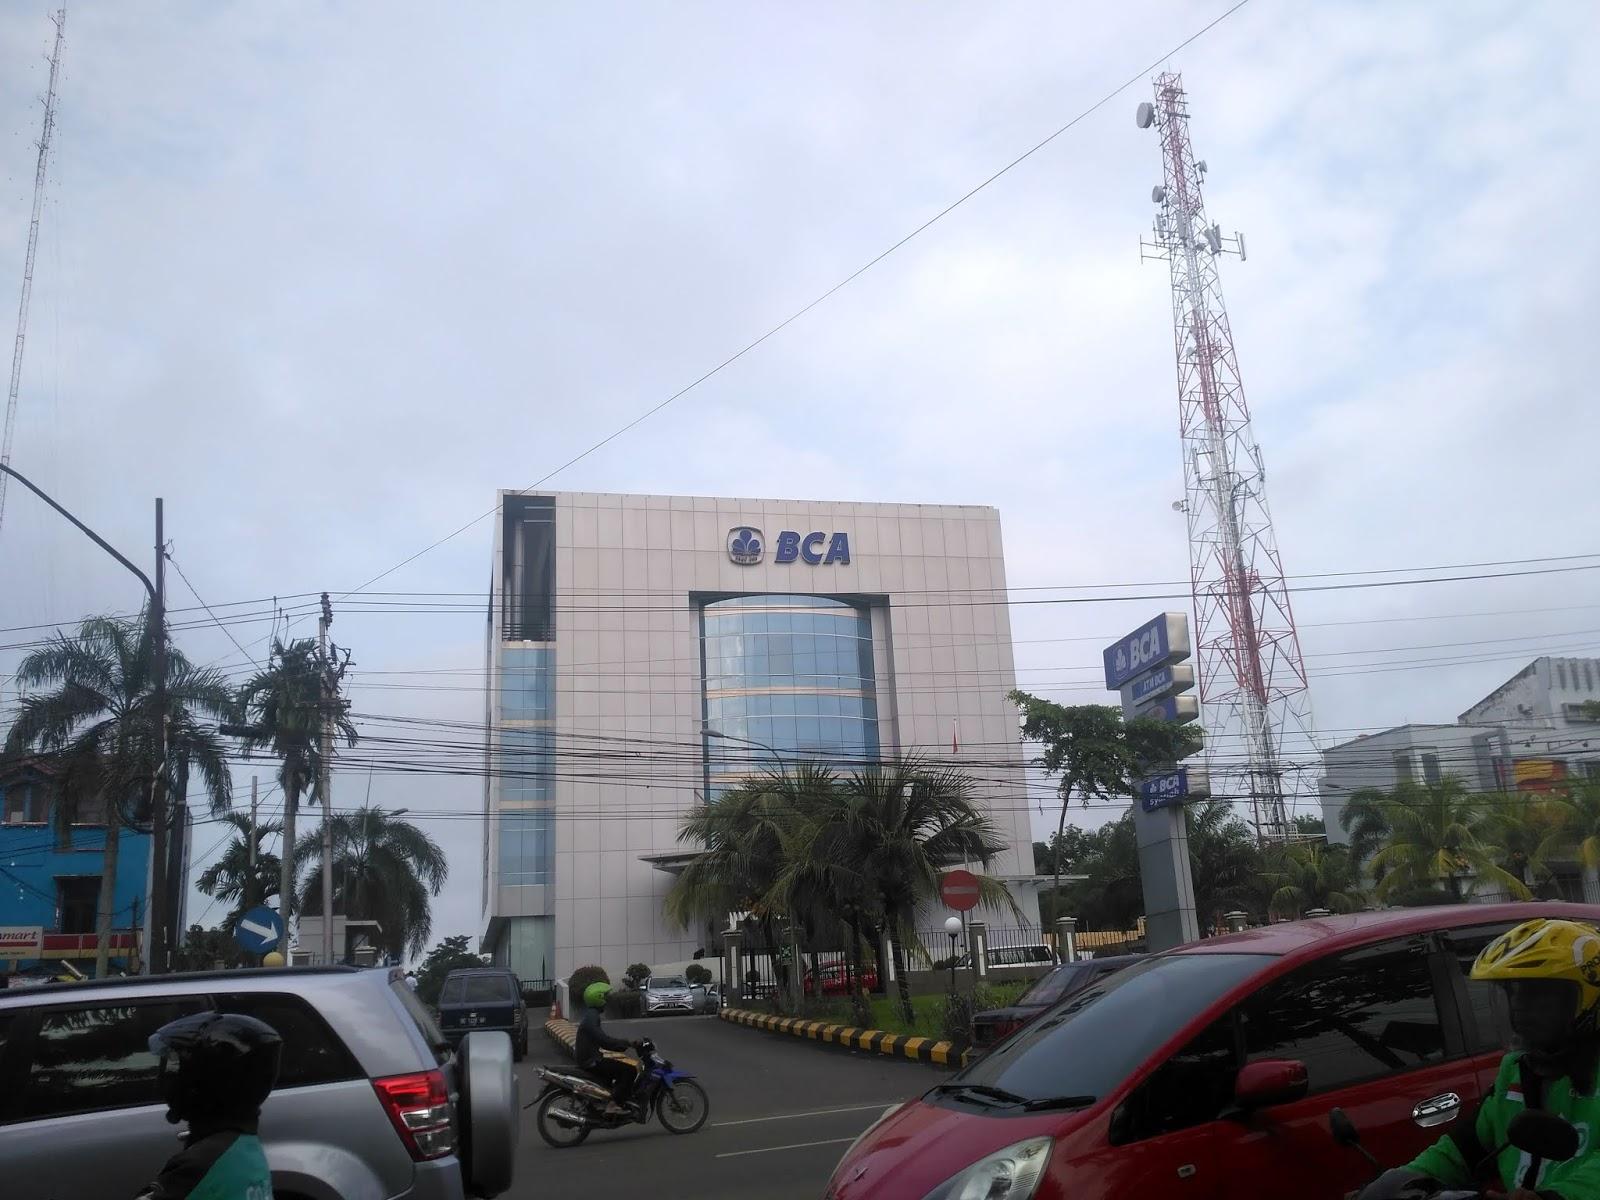 Daftar 21 Bank Bca Di Palembang Beserta Alamat Dan Telepon